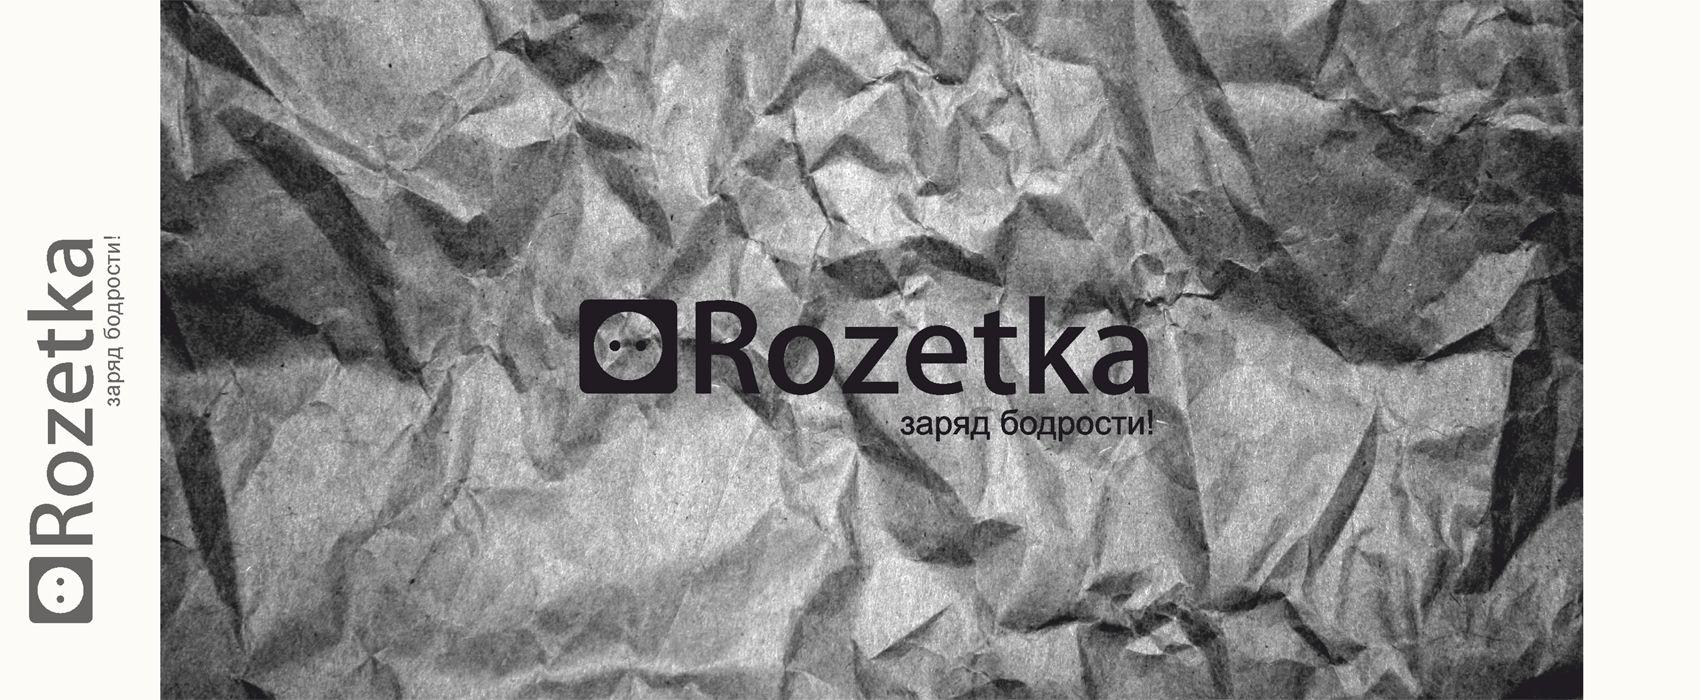 Логотип+Дизайн фирменного стиля для кофейни  - дизайнер lopatin2